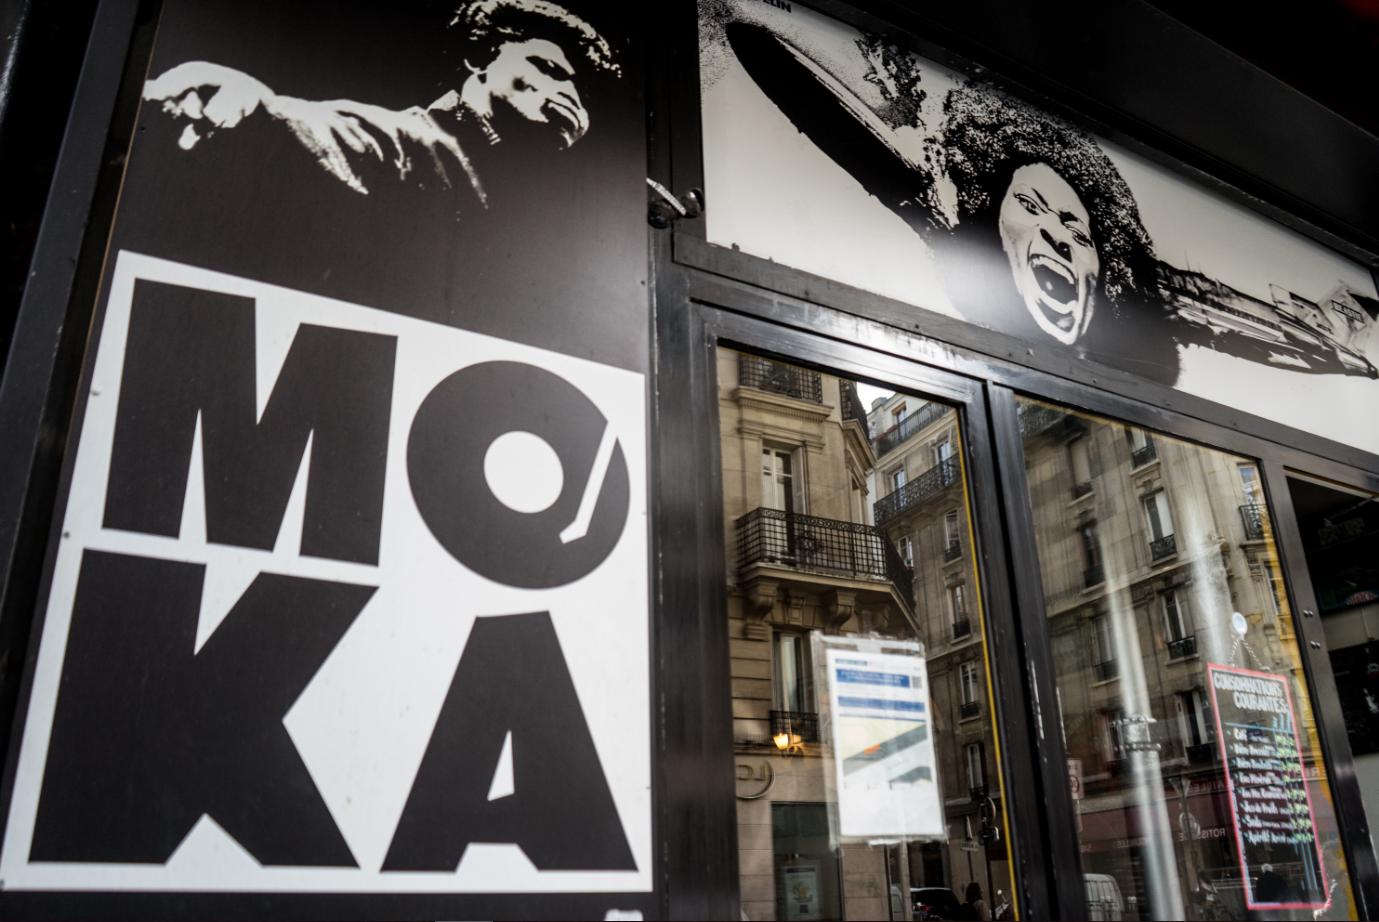 Moka Goncourt